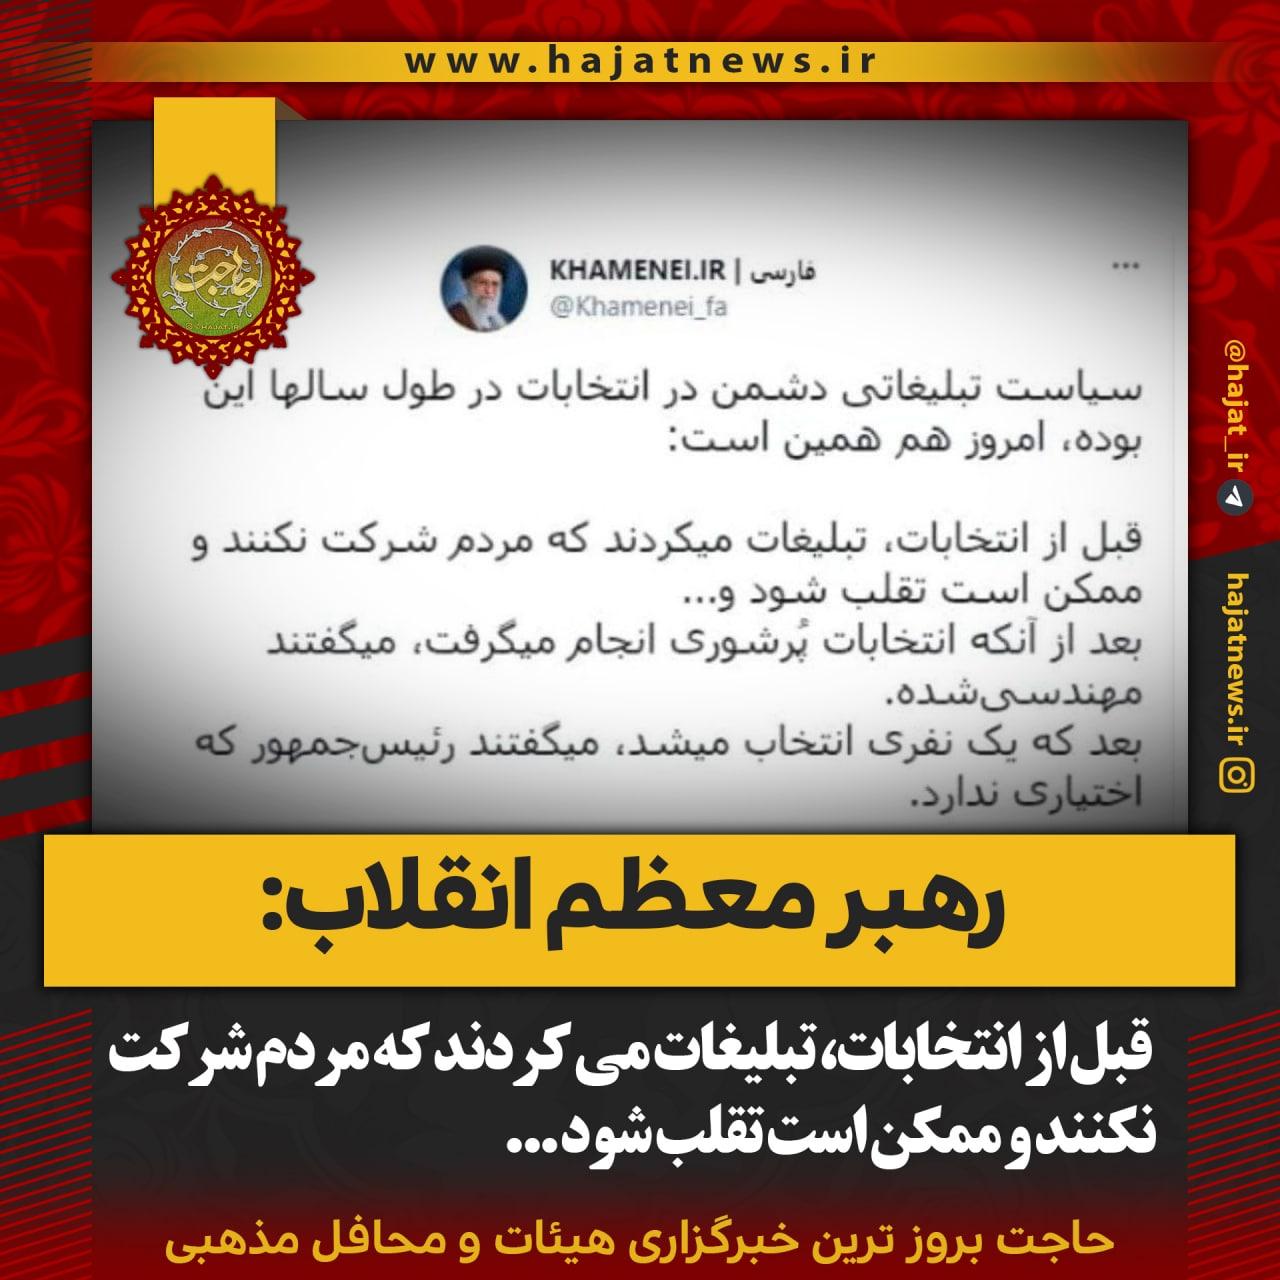 تصویر از صفحه توییتر رهبر معظم انقلاب: قبل از انتخابات، تبلیغات می کردند که مردم شرکت نکنند و ممکن است تقلب شود